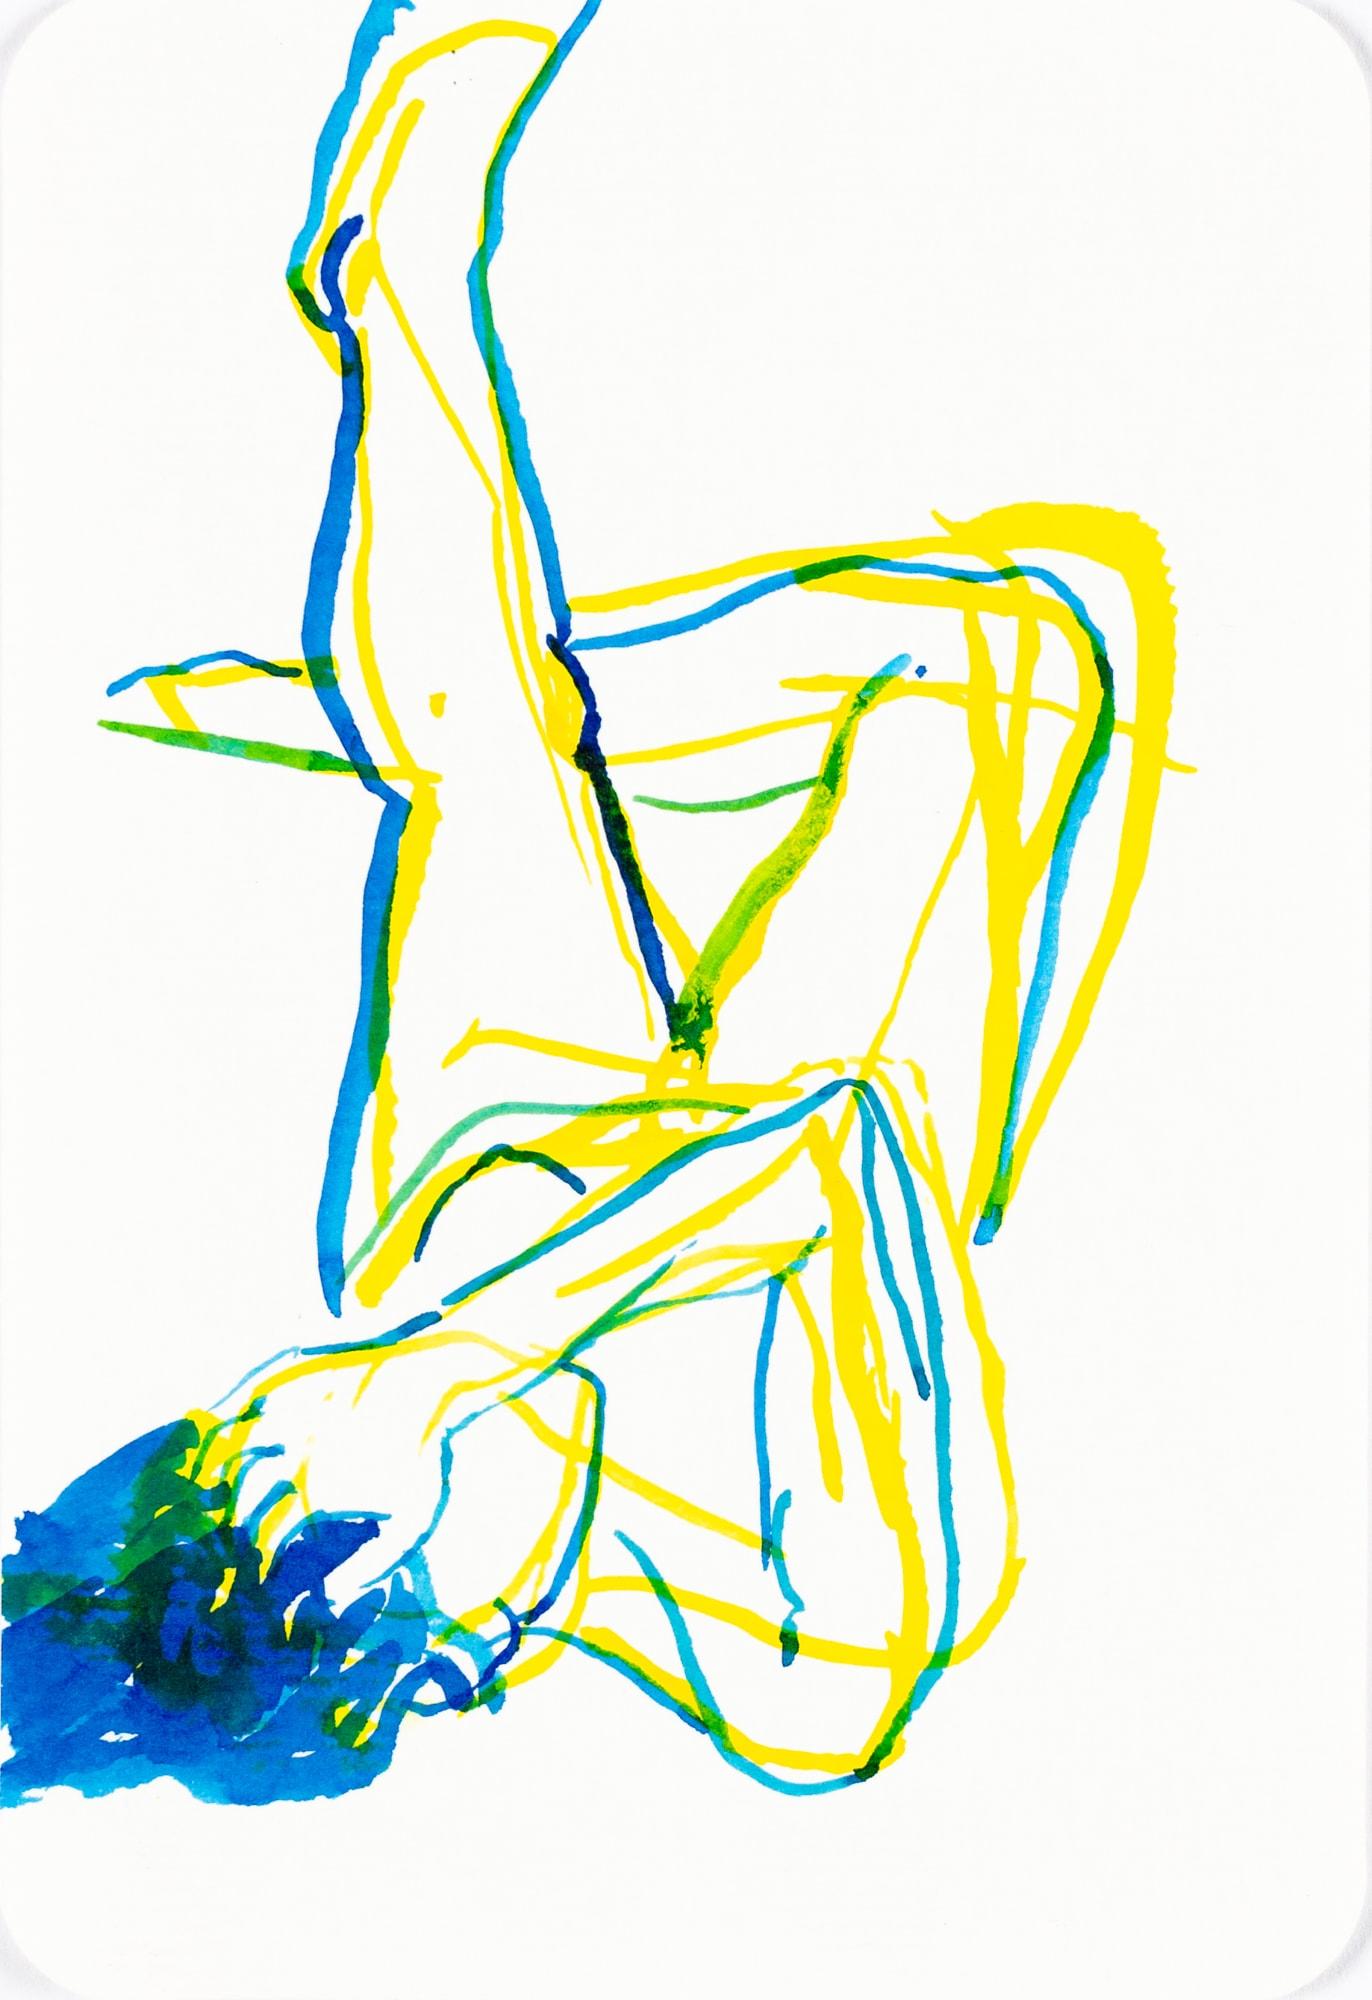 Zeichnung, Tusche auf Postkarte, 10,4x15,3cm,Akt, Künstlerin: Franziska King